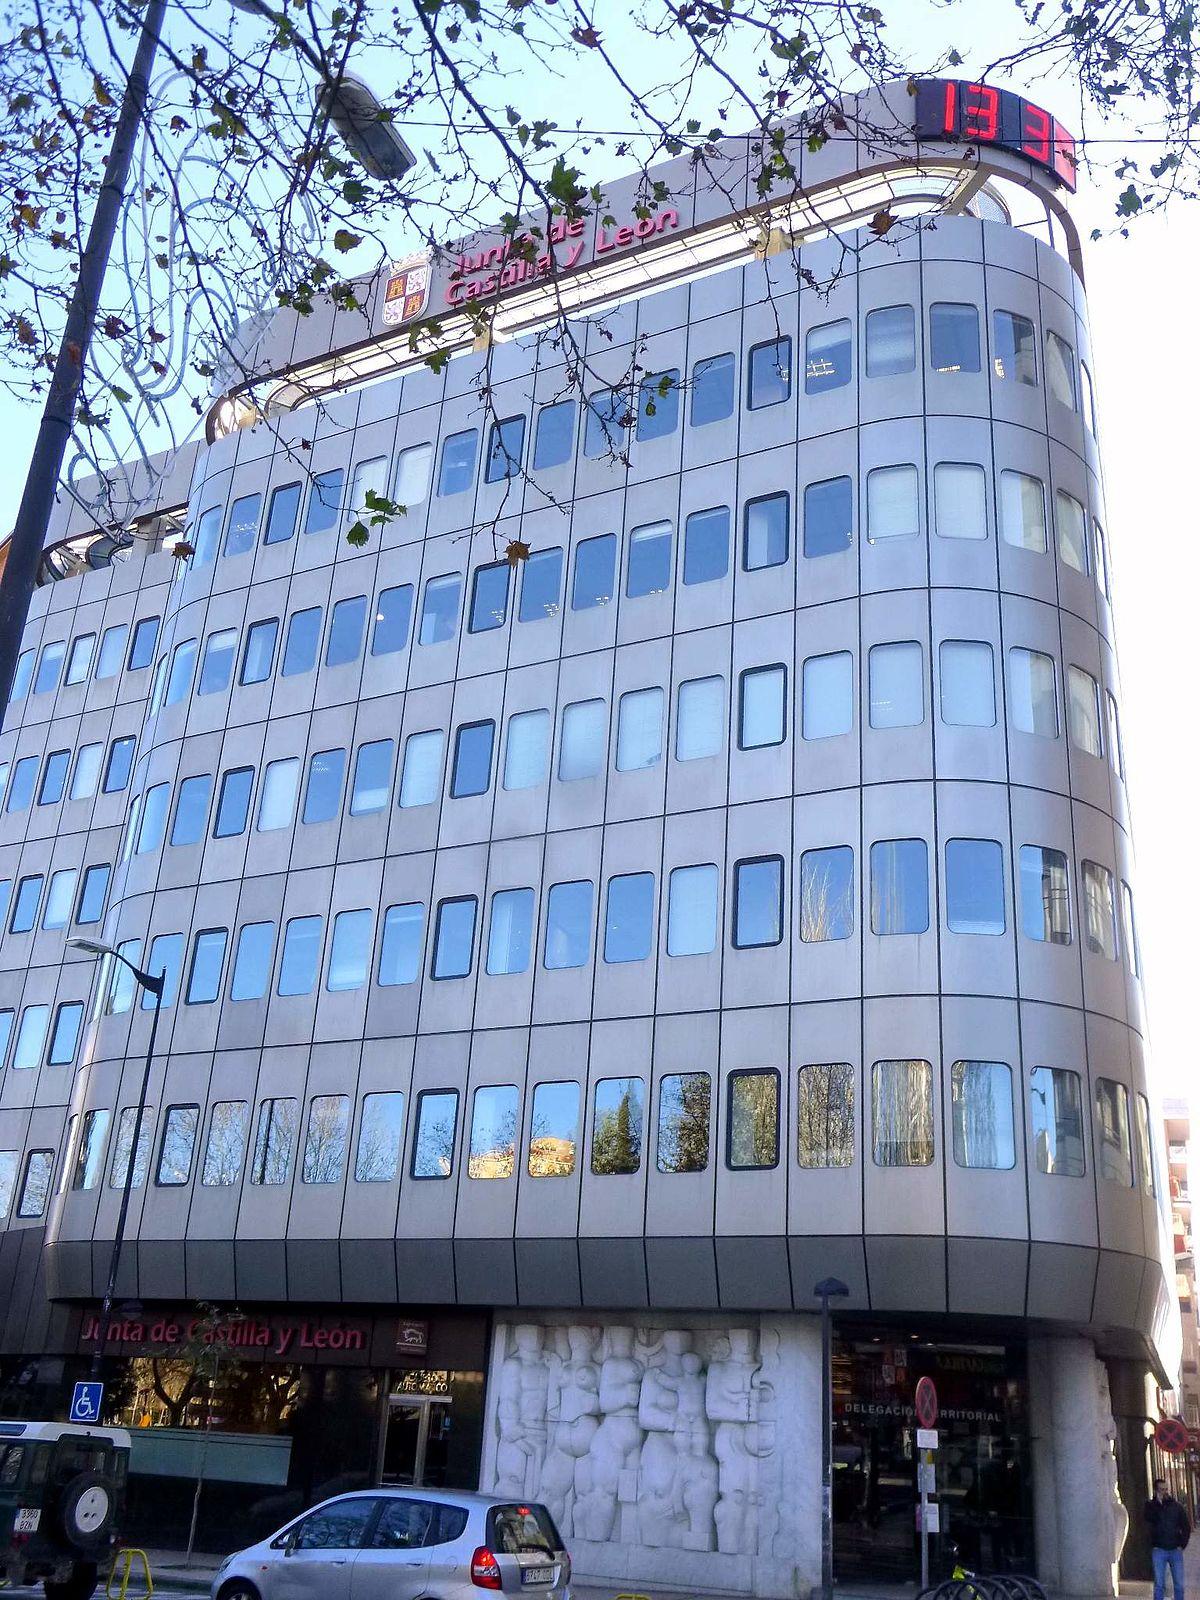 Caja de ahorros provincial de zamora wikipedia la for Oficina de empleo leon